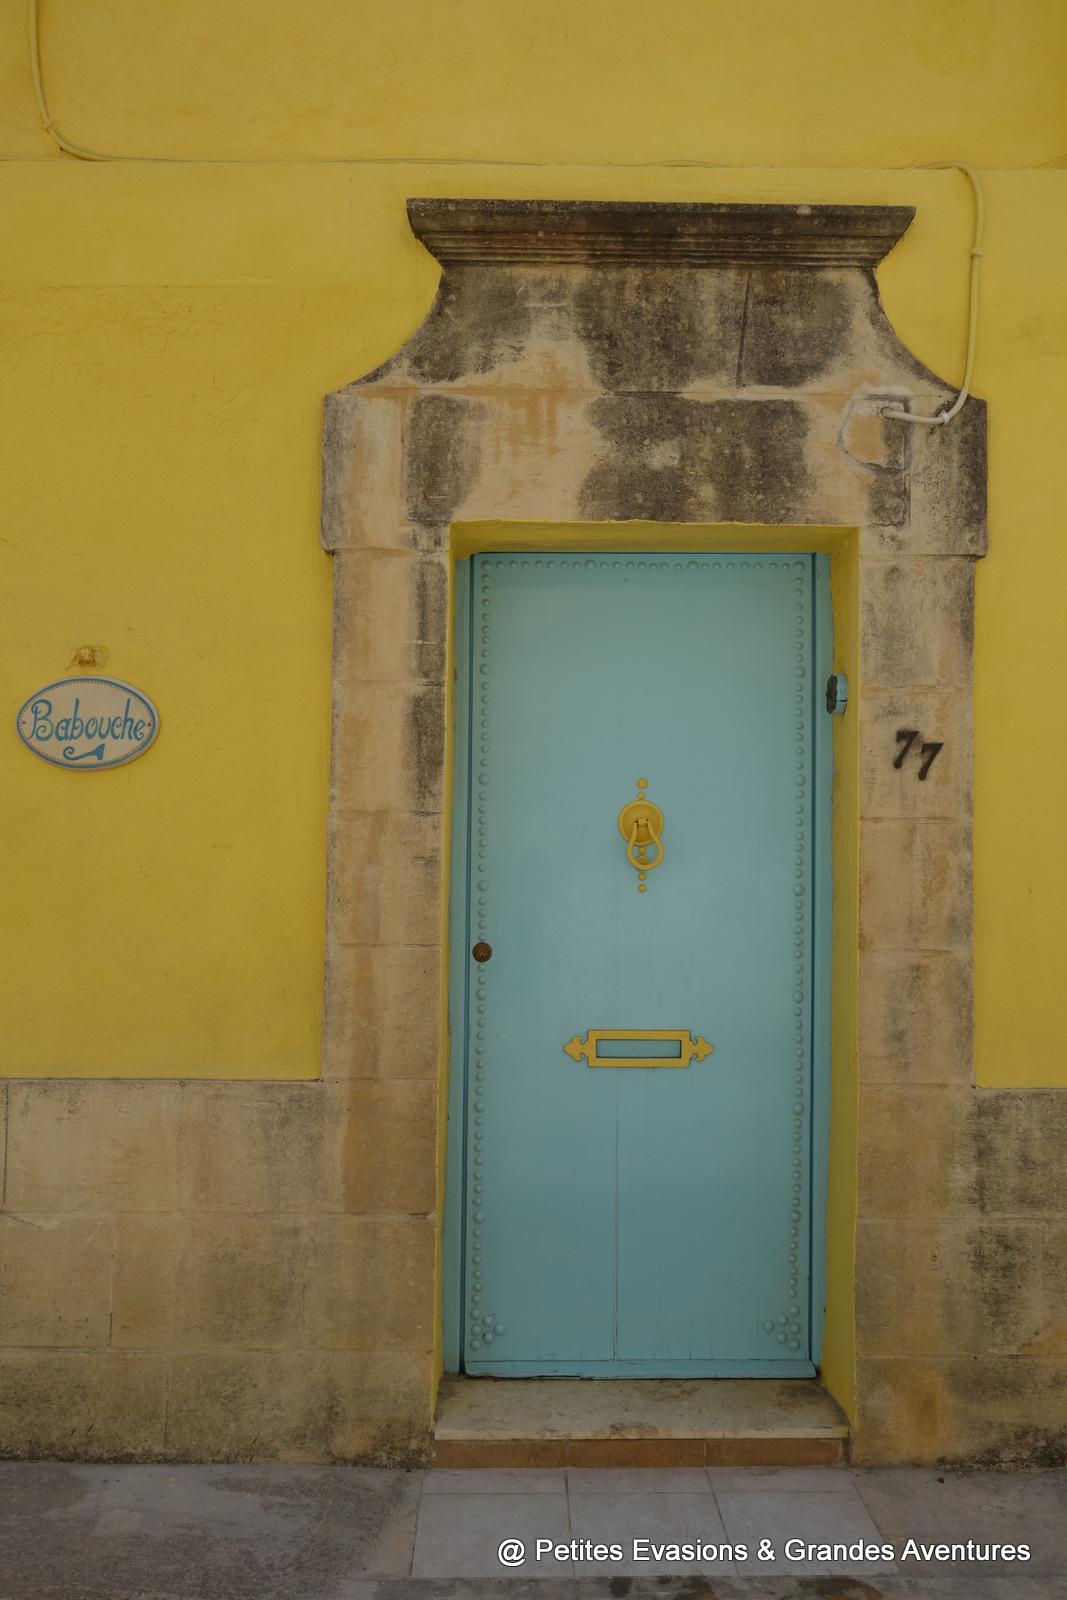 Porte et façades colorées à L-Għarb (Gozo)